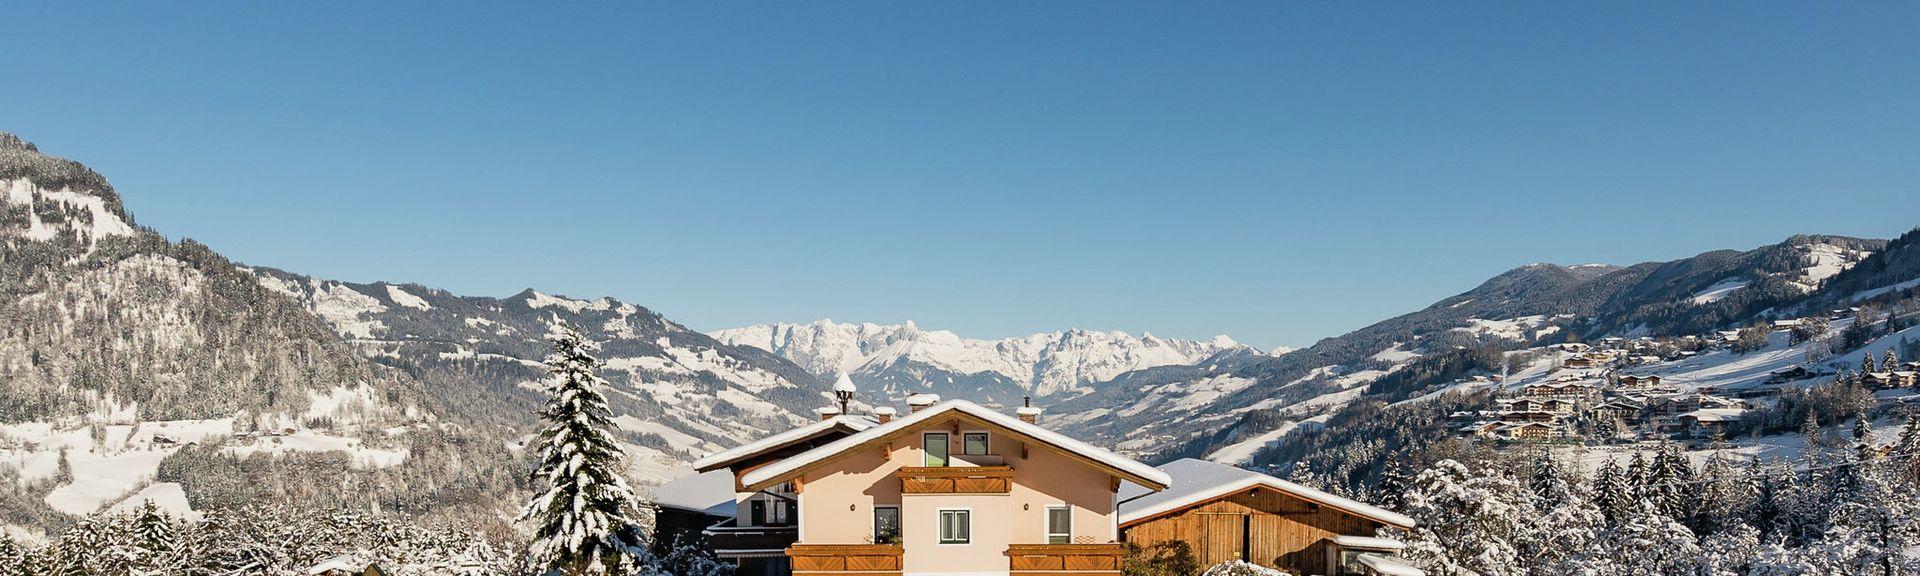 Zauchensee Rosskopf Ski Lift, Altenmarkt im Pongau, Austria